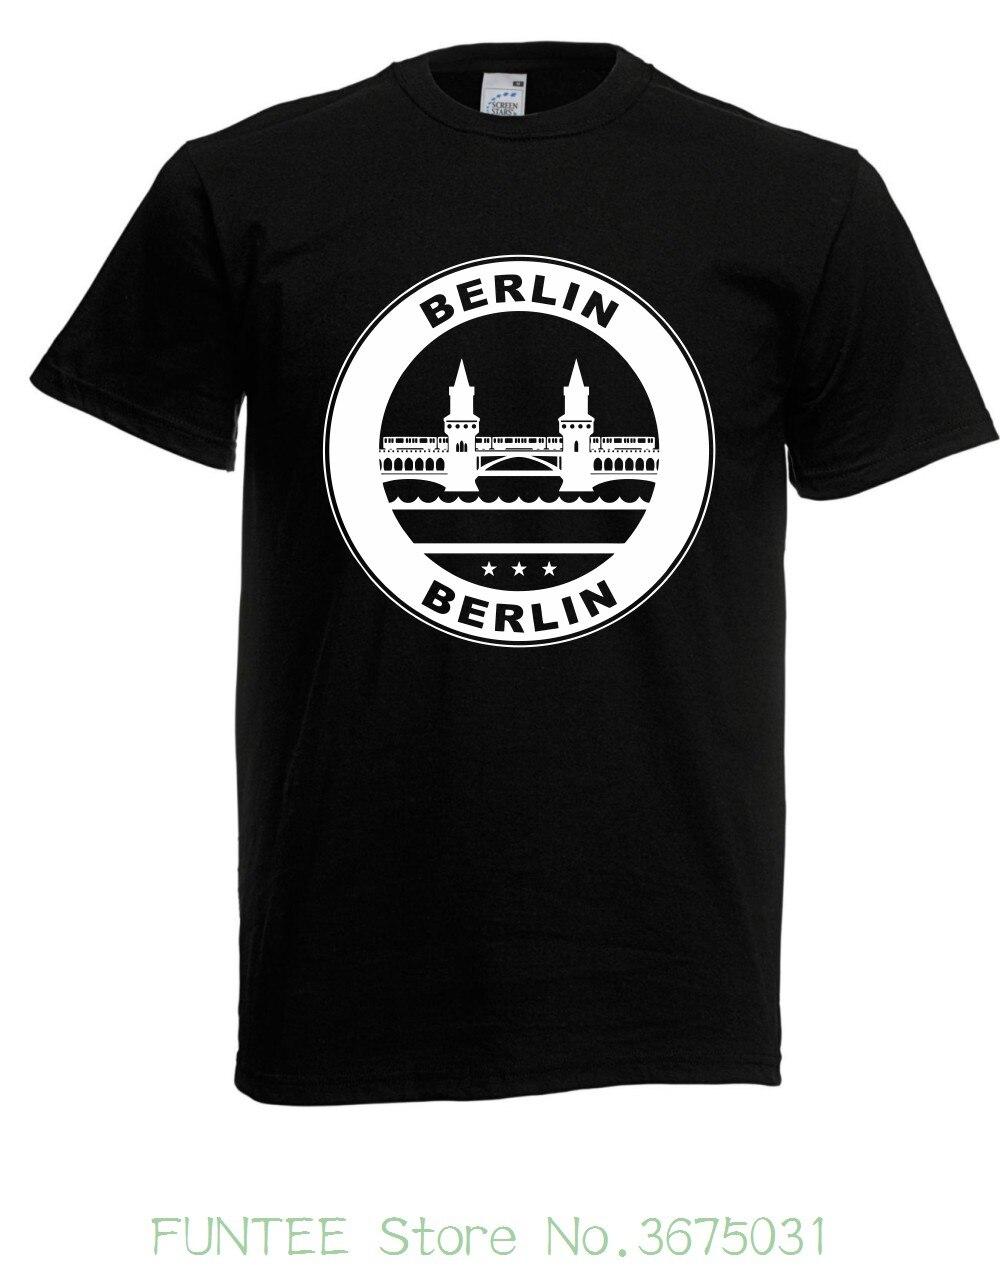 Full Size of Coole T Shirt Sprüche Für Männer Coole Tshirt Sprüche Zum 18. Geburtstag Coole Sprüche Auf T Shirt Coole T Shirts Mit Sprüchen Küche Coole T Shirt Sprüche